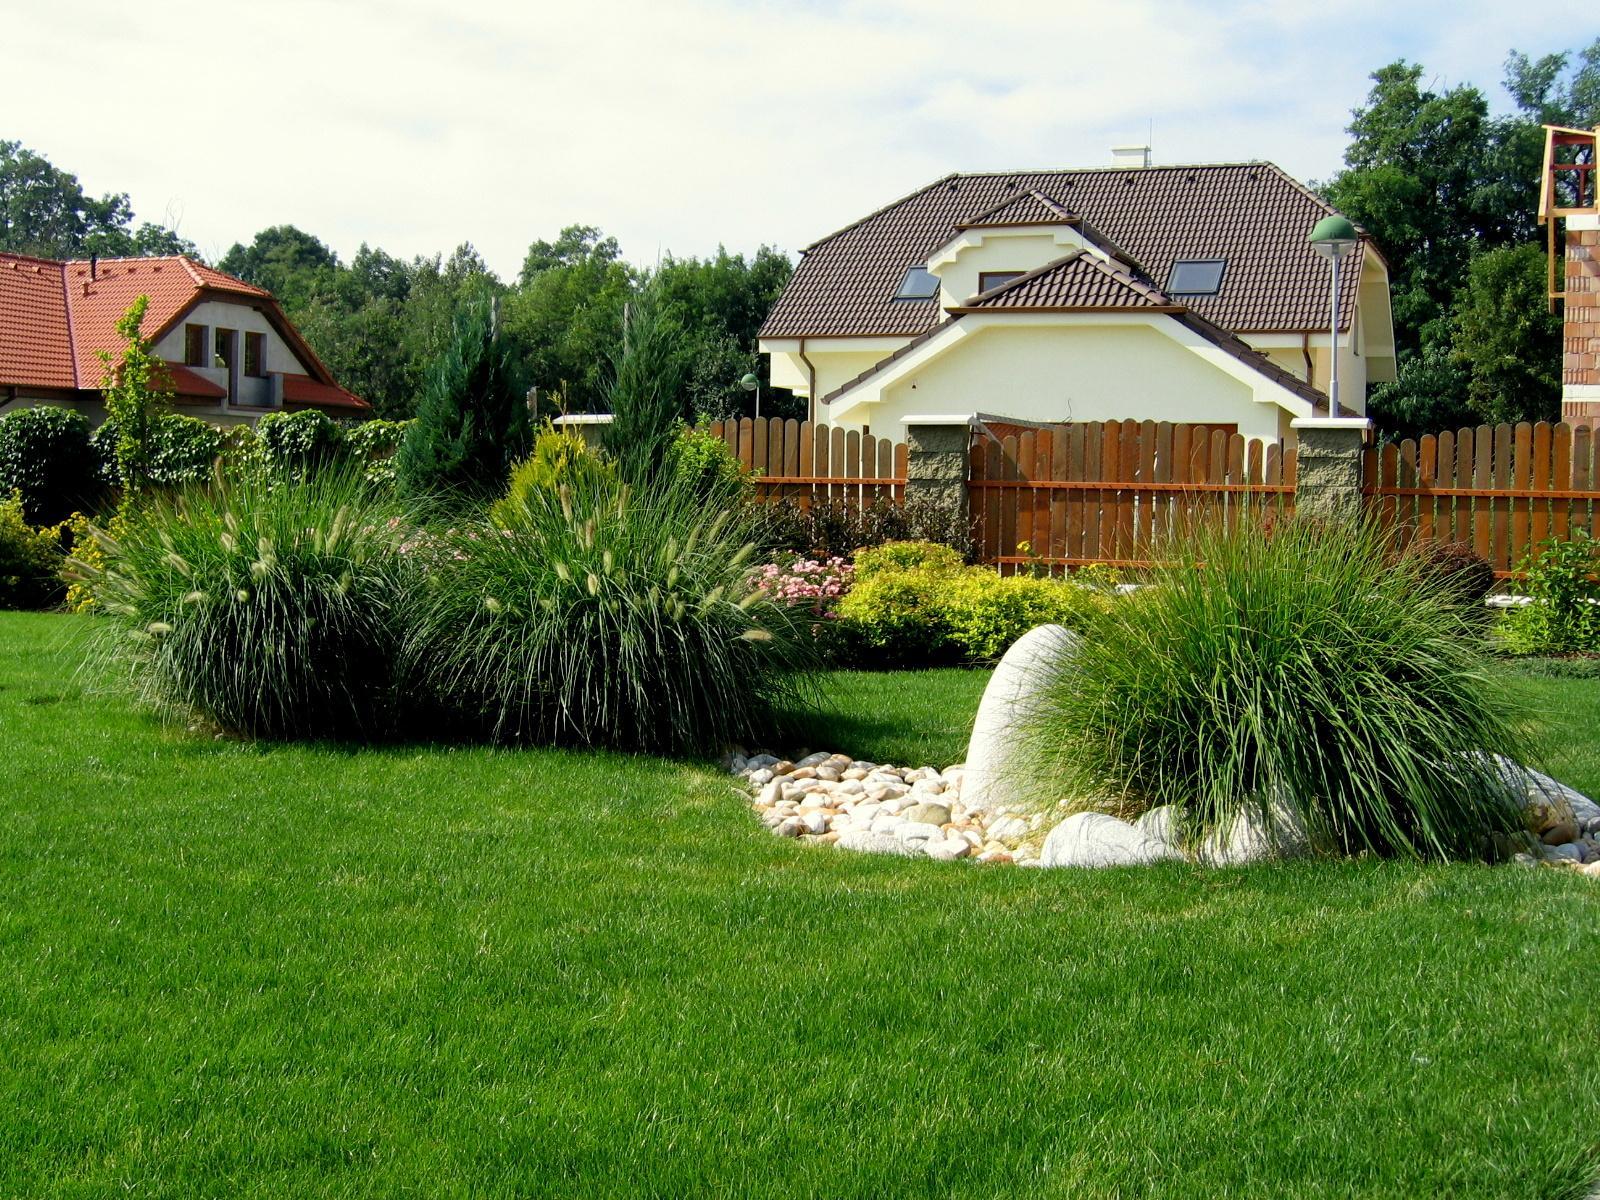 Nápady na zahradu - Obrázek č. 64